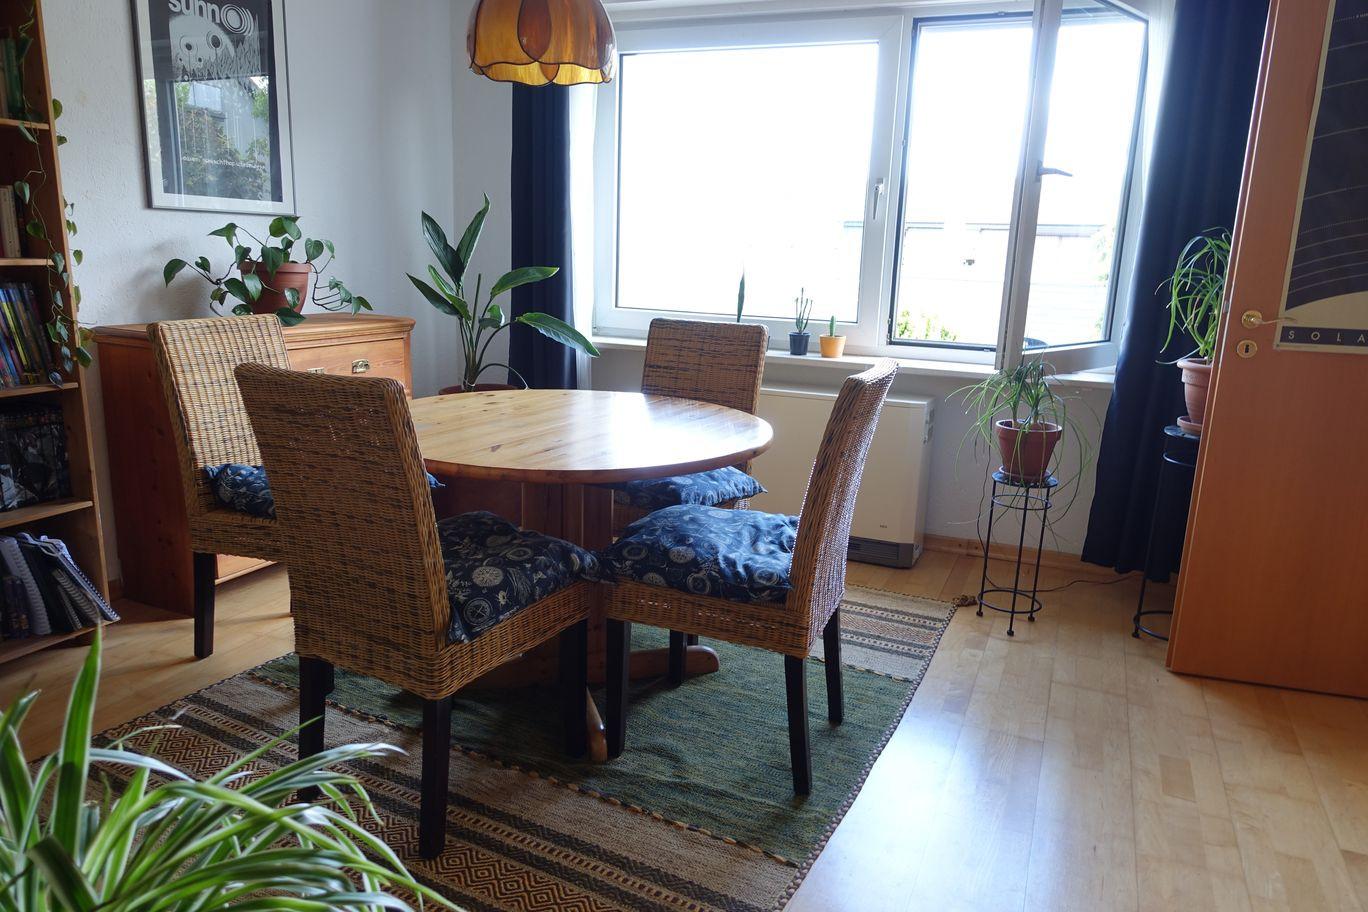 Wohnzimmer vorderer Bereich